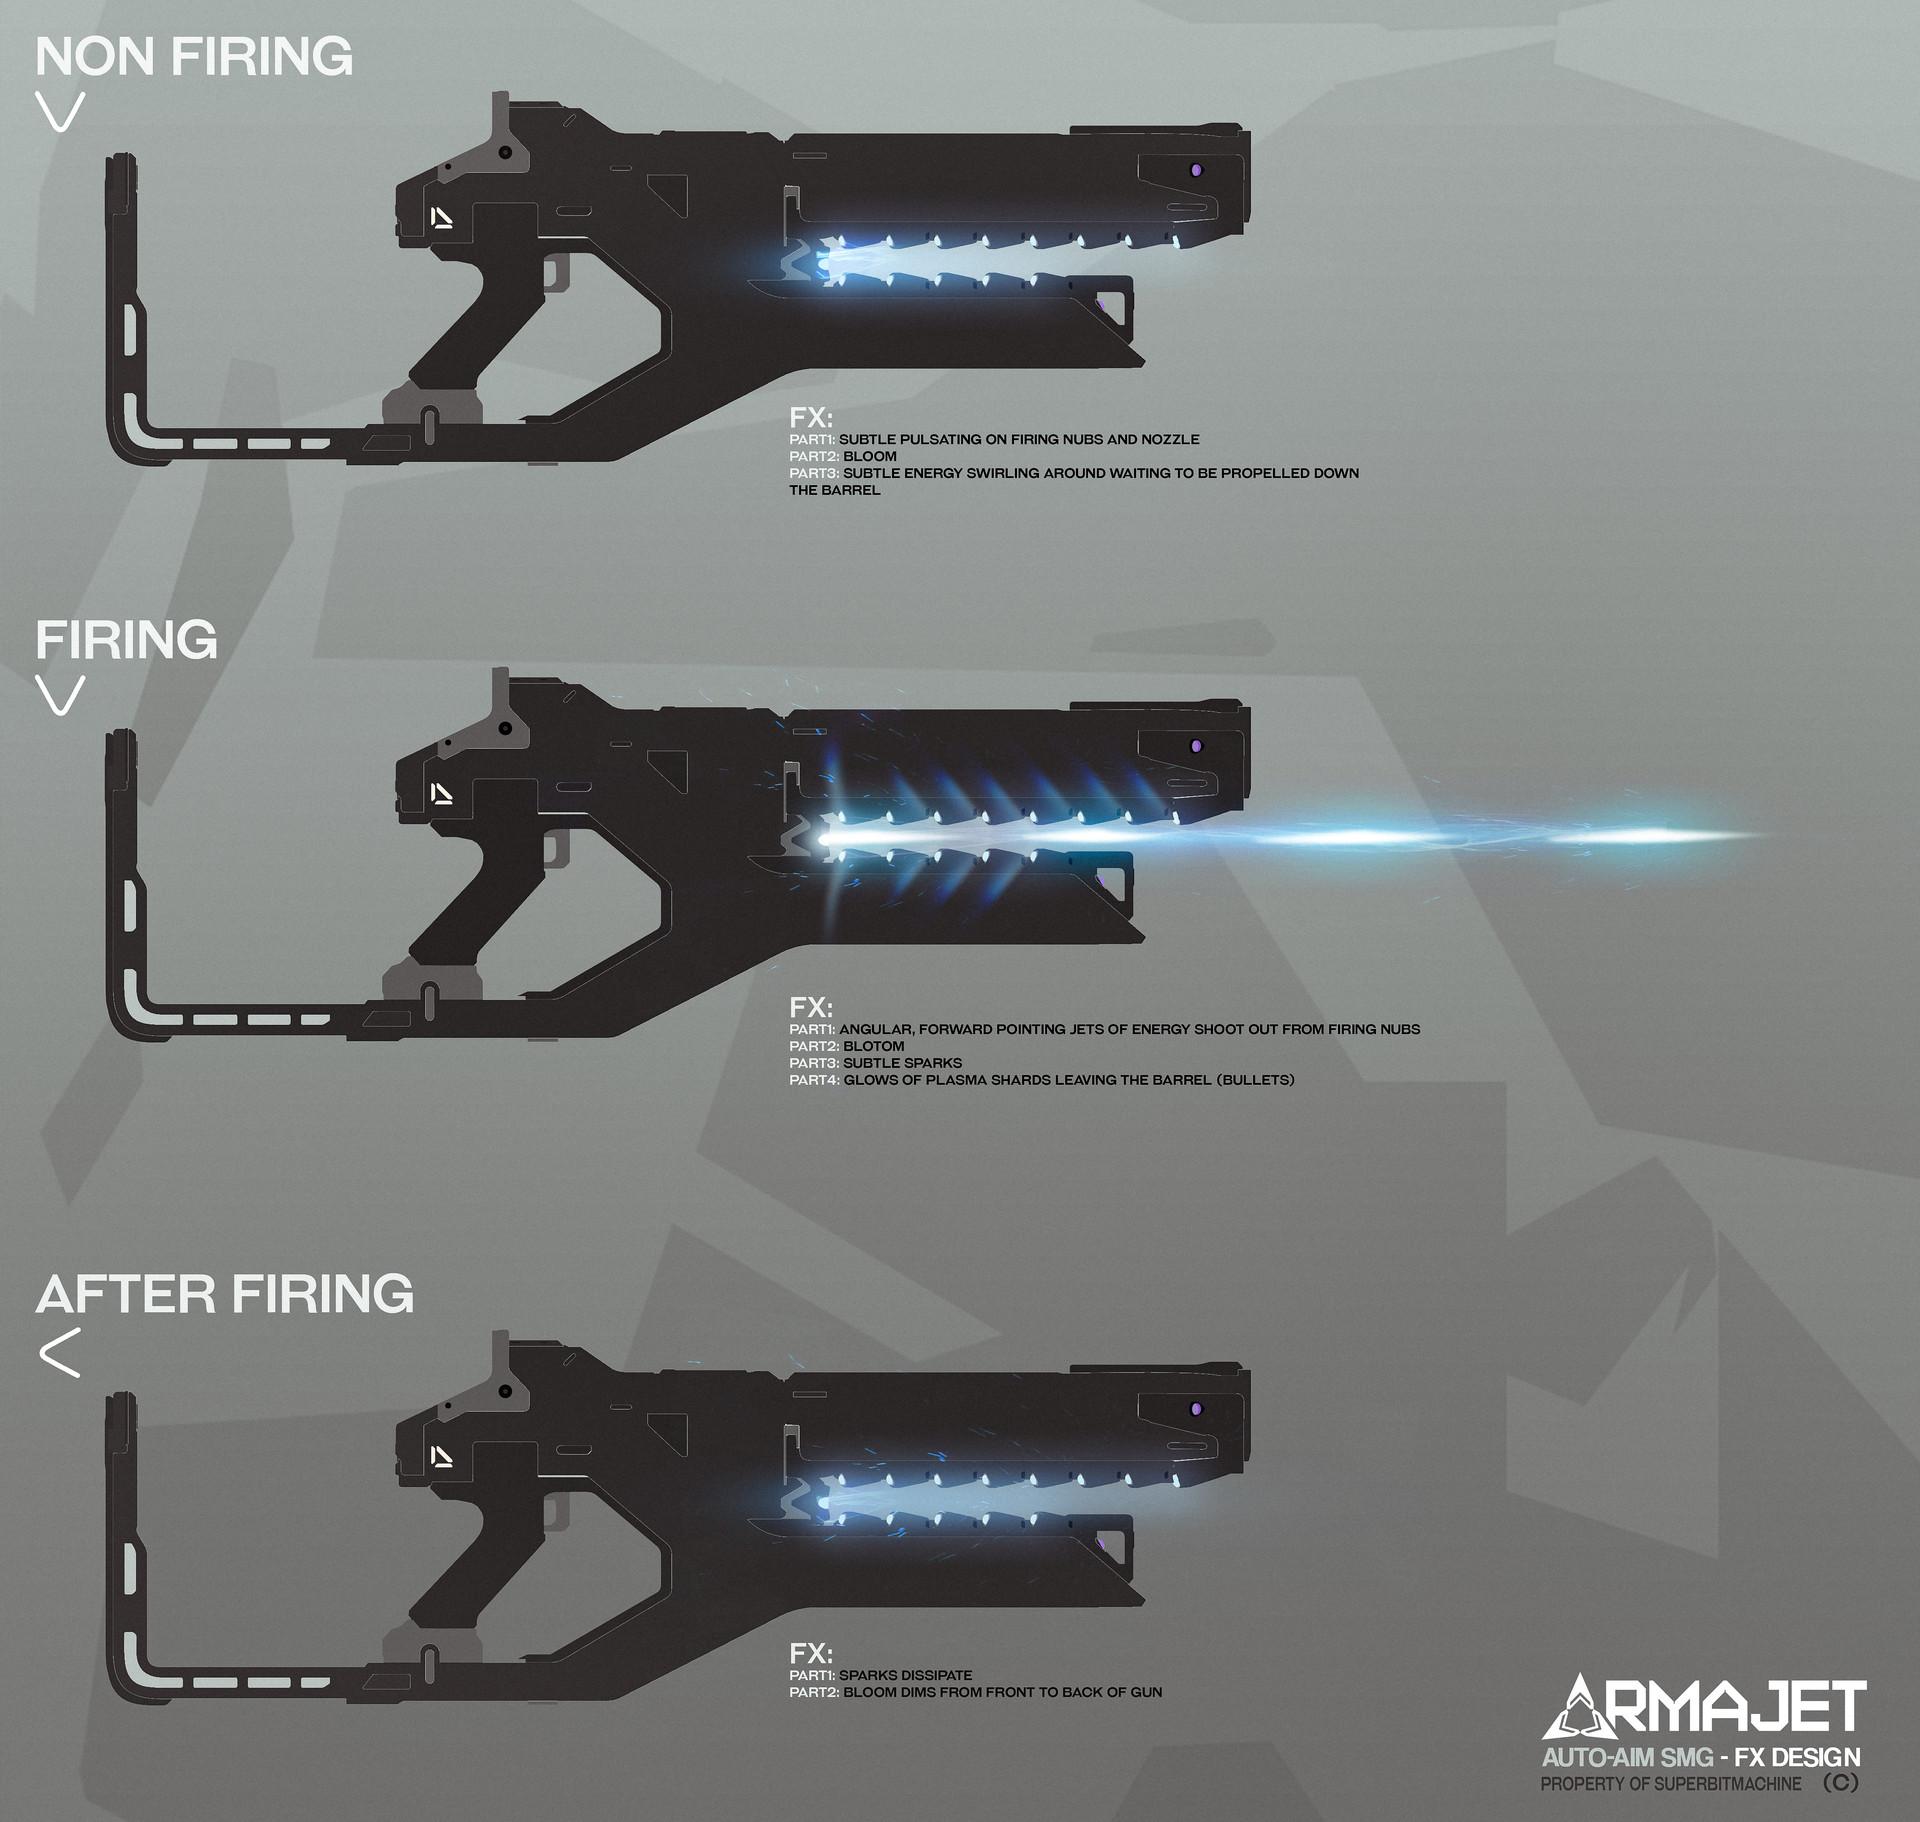 Alex senechal fx concept auto aim smg